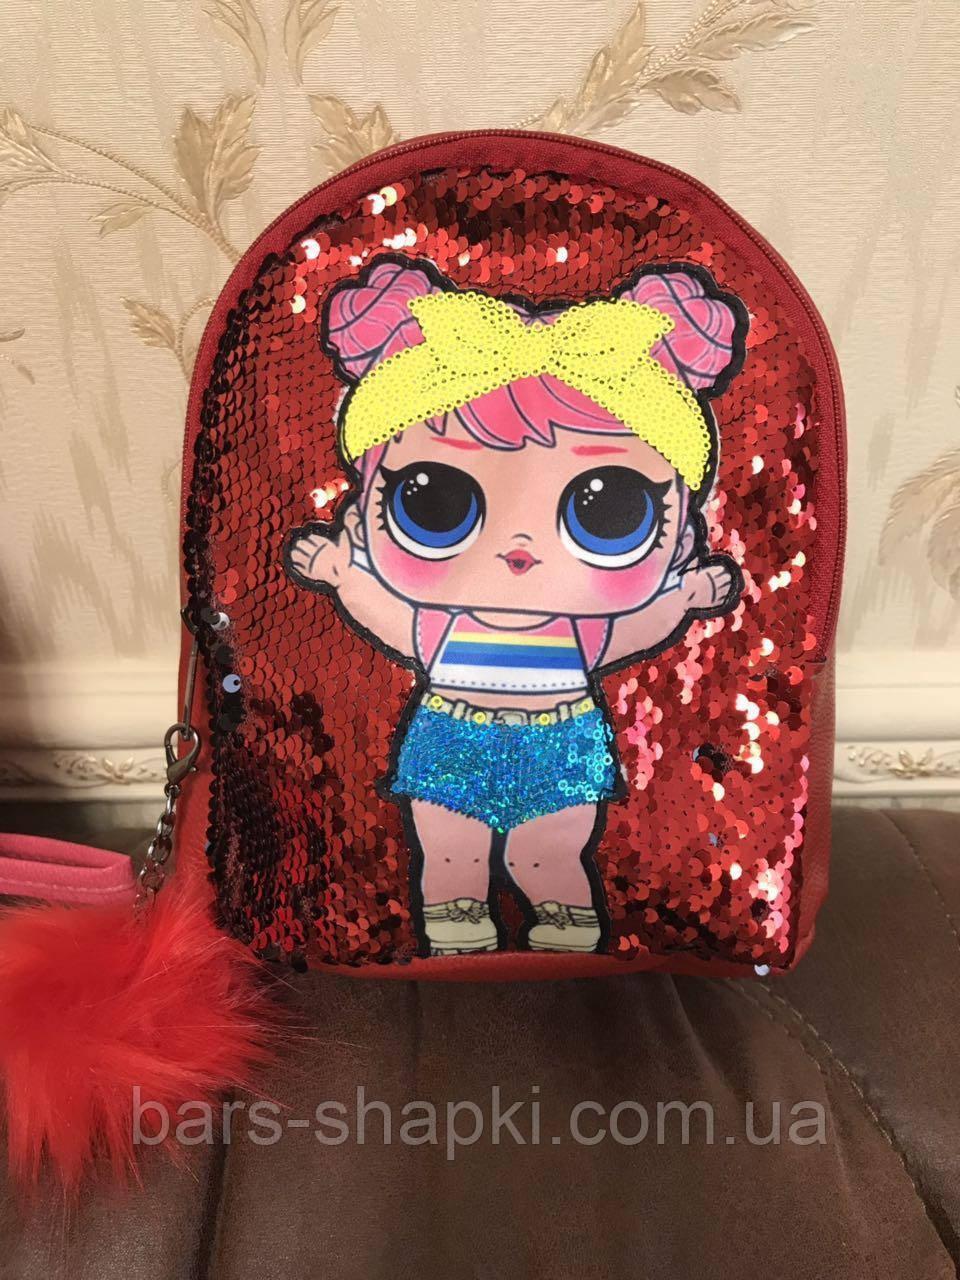 Новинка. Детский рюкзак ЛОЛ с паетками и меховым помпоном. Хит продаж!